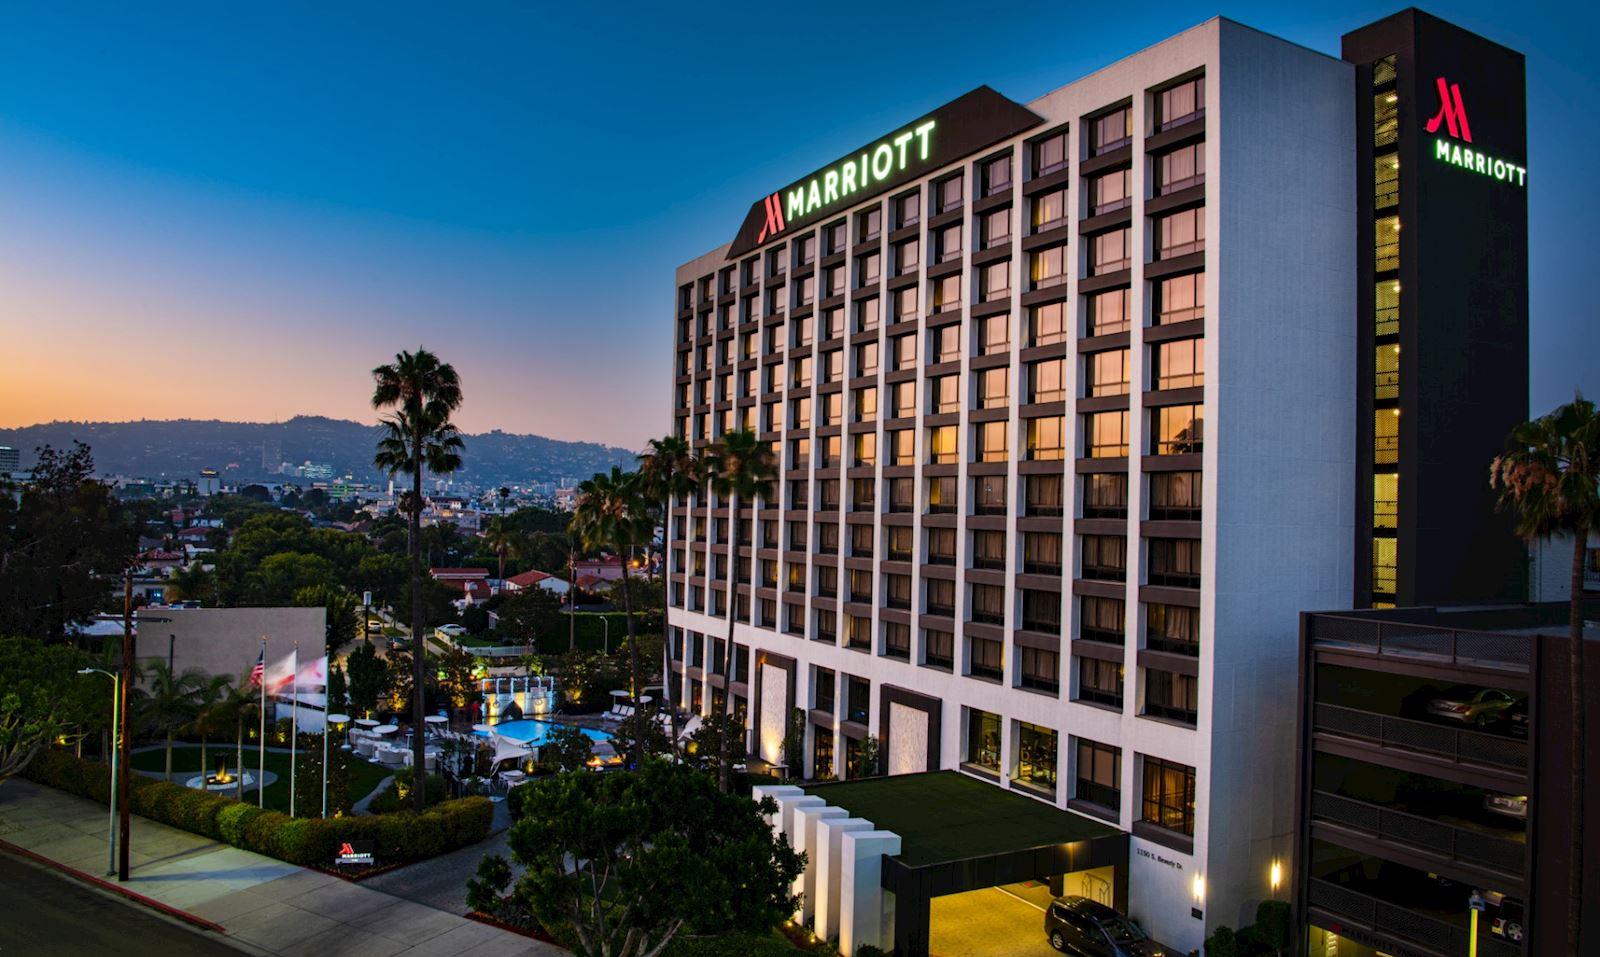 beverly hills marriott remington hotels. Black Bedroom Furniture Sets. Home Design Ideas